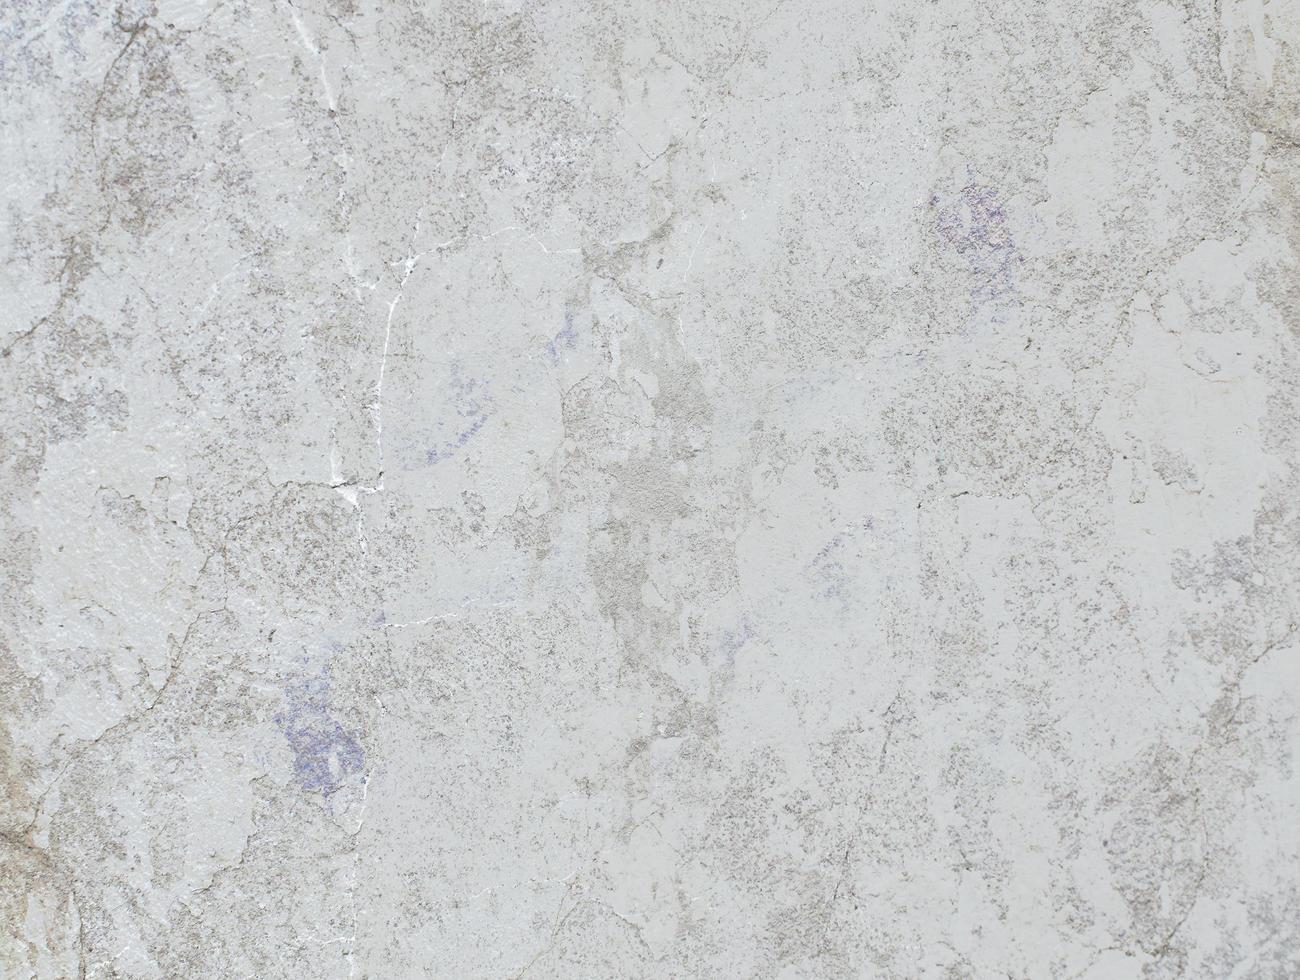 marmorerad betongvägg konsistens foto